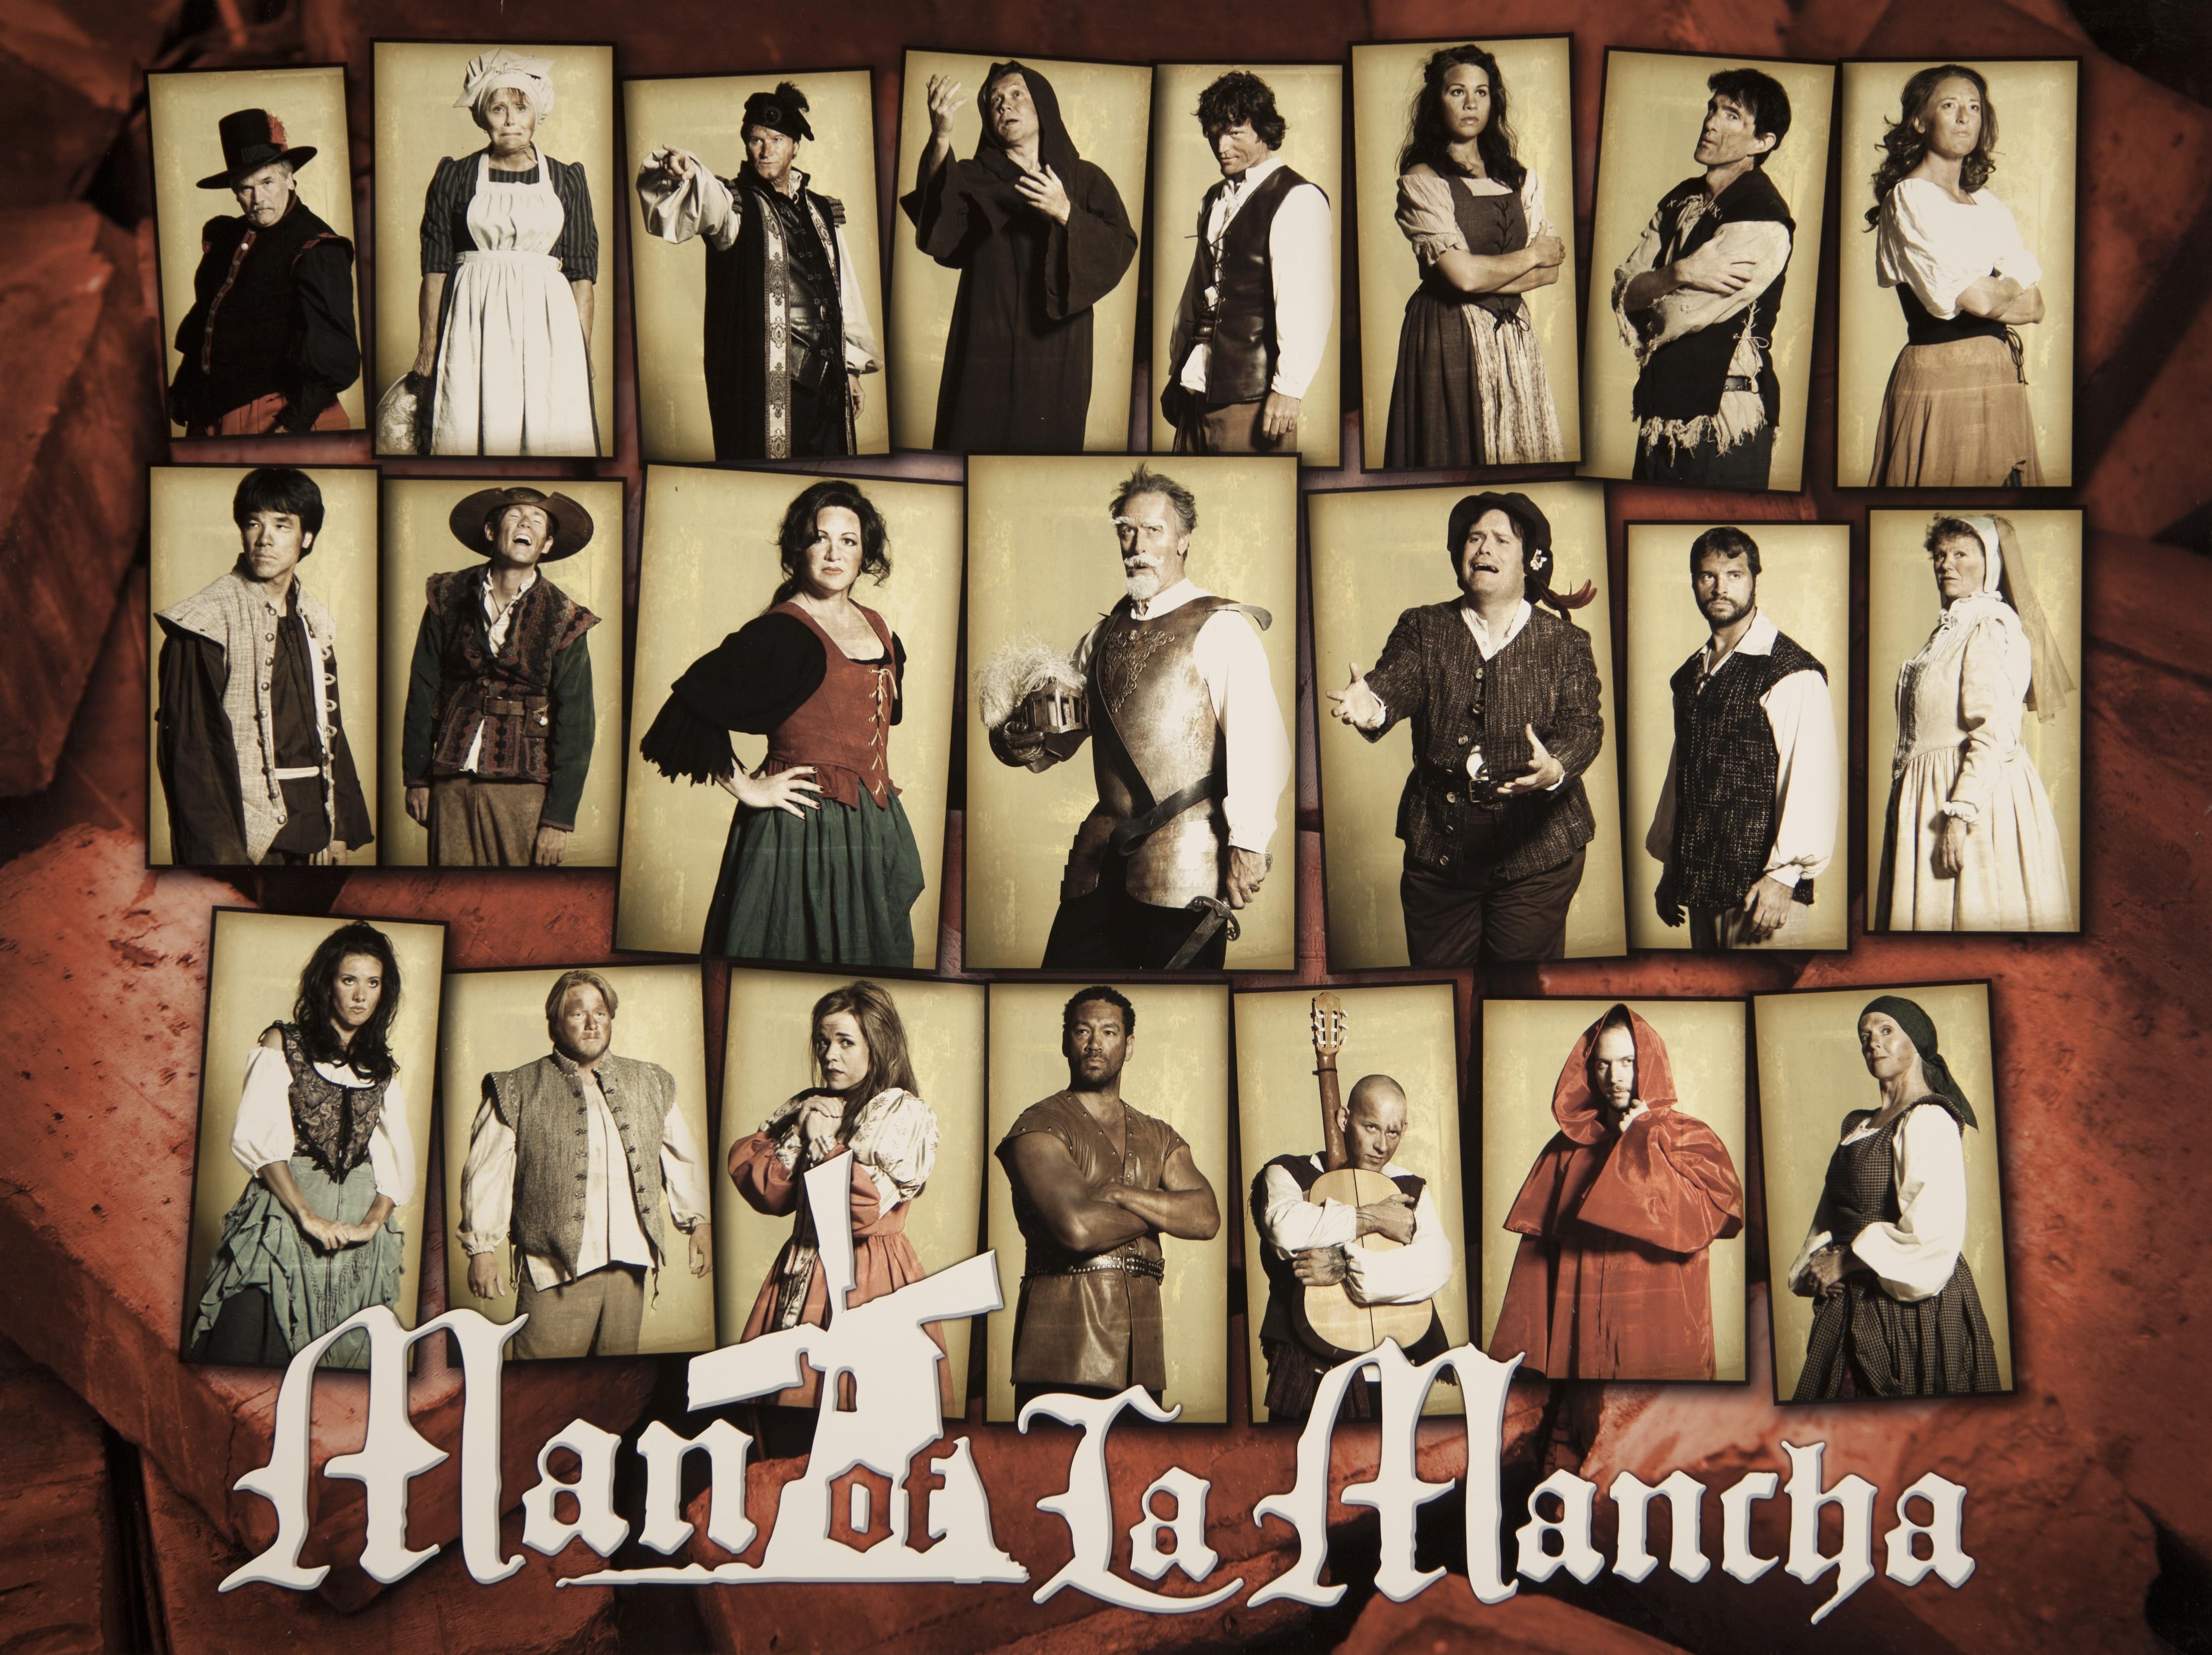 Hale Centre Theatre's 2006 Man of La Mancha Cast